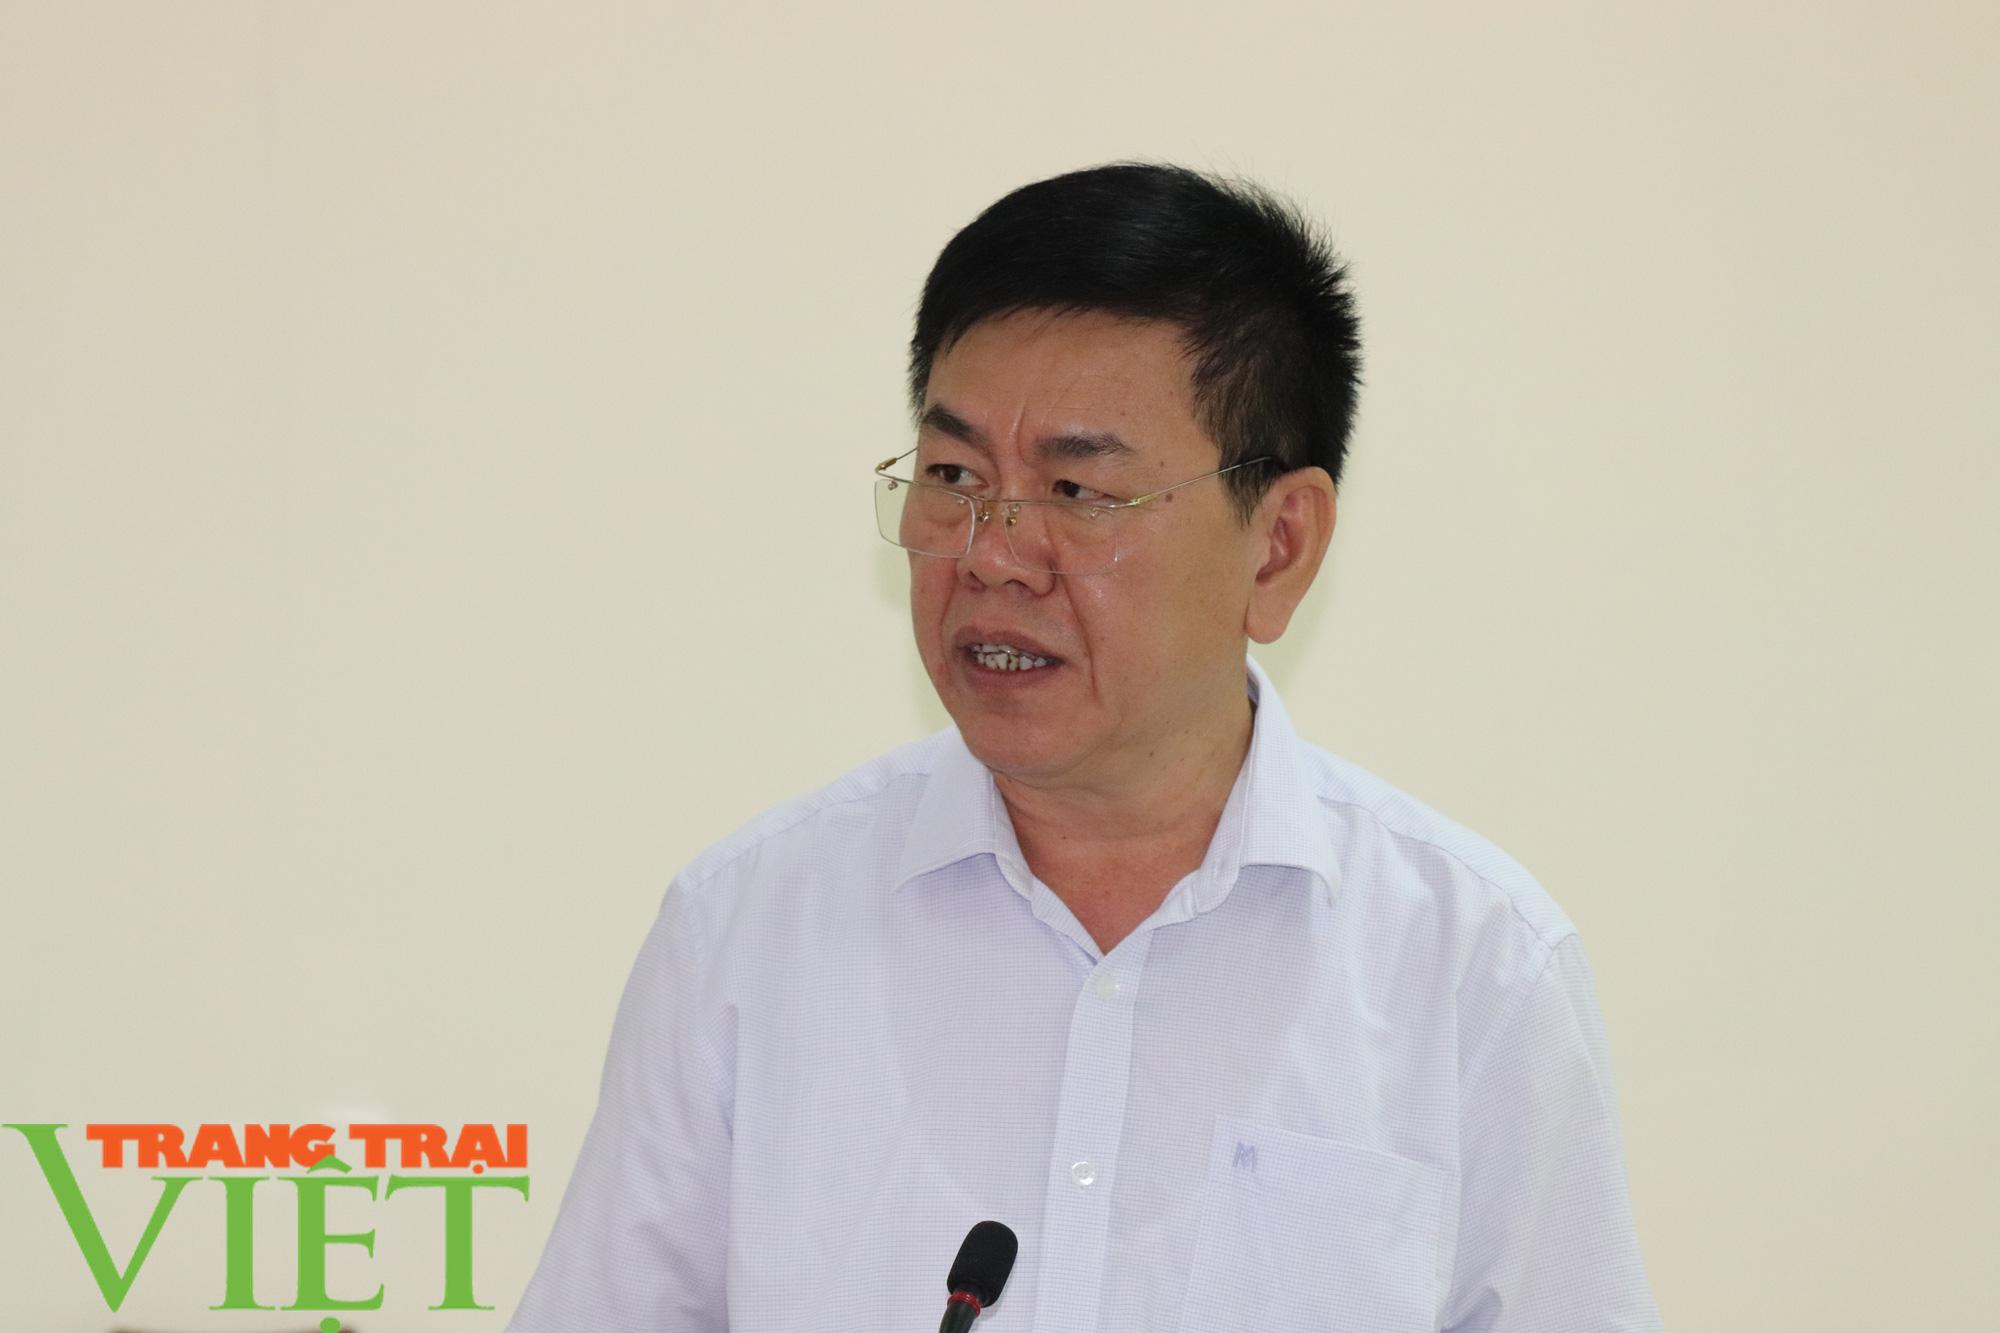 Hội Nông dân tỉnh Sơn La tập huấn kỹ năng viết đề xuất và quản lý vốn tài trợ nhỏ - Ảnh 2.